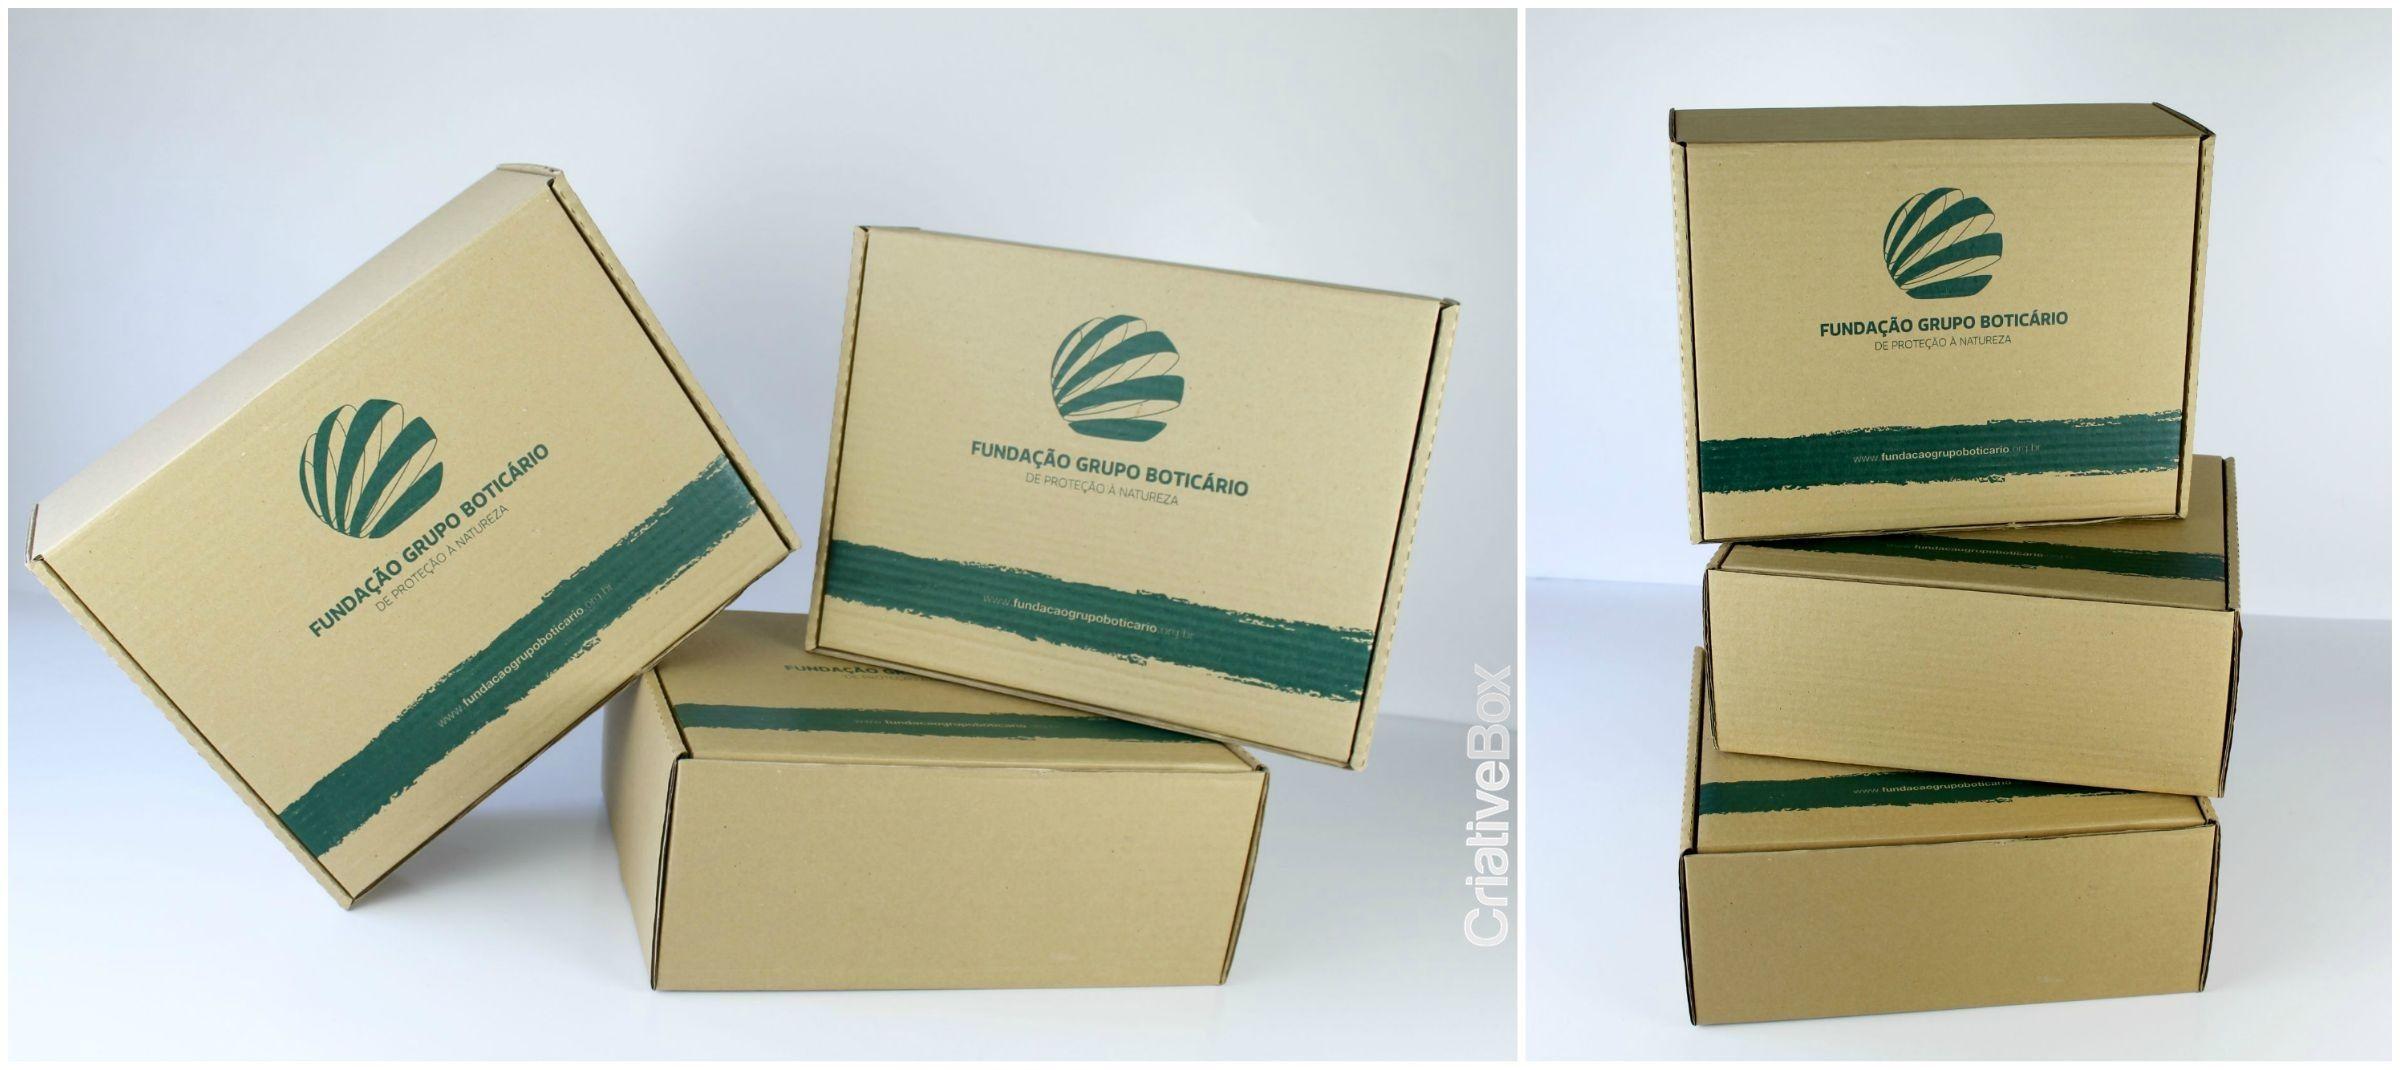 Embalagem Fundação Grupo Boticário - Em papelão ondulado,  com personalização em serigrafia. #Criativebox  #Embalagem #GrupoBoticario #Caixapersonlizada